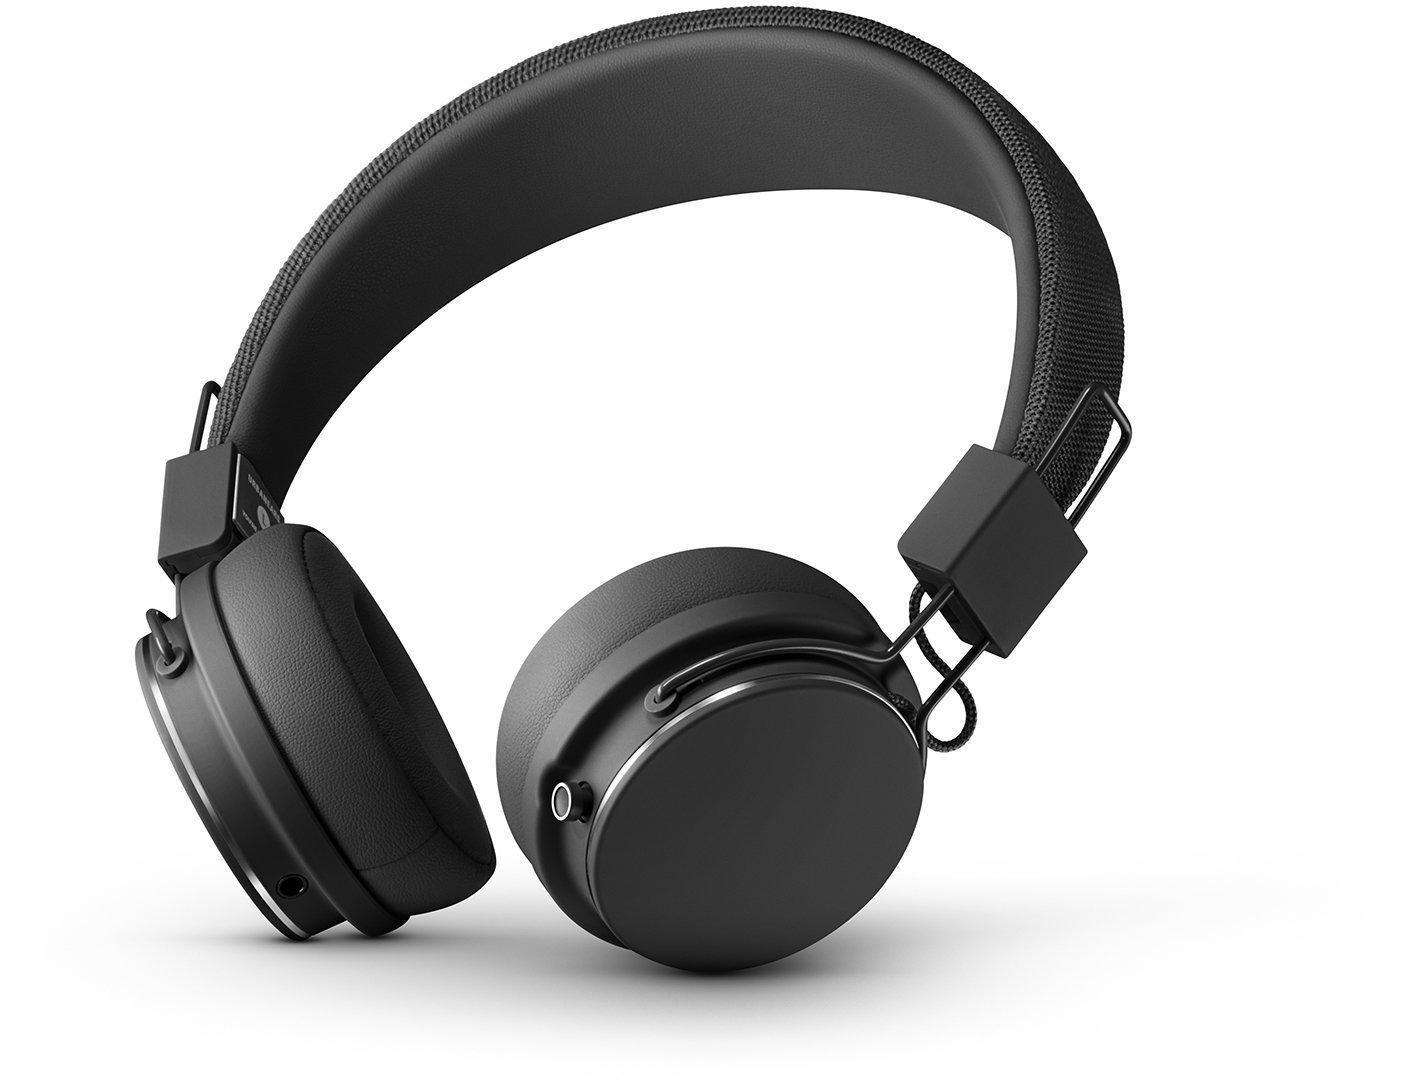 Urbanears Plattan 2 Bluetooth, Black наушники15119759PLATTAN 2 Bluetooth сочетает в себе канонический дизайн «Платанов» c 30+ часов беспроводного воспроизведения без ограничений. Четкое звучание полного спектра на дистанции до 10м и интуитивное управление одной кнопкой. Кроме того, модель отличает встроенный микрофон, эргономичная посадка, возможность поделиться музыкой благодаря ZoundPlug и складная конструкция, что позволит взять наушники с собой куда угодно. Экстра-гибкое оголовье адаптируется к форме головы. ZoundPlug - это разъем, позволяющий поделиться вашей музыкой с другом. Просто подключите его наушники к вашим Plattan 2 через свободный порт.